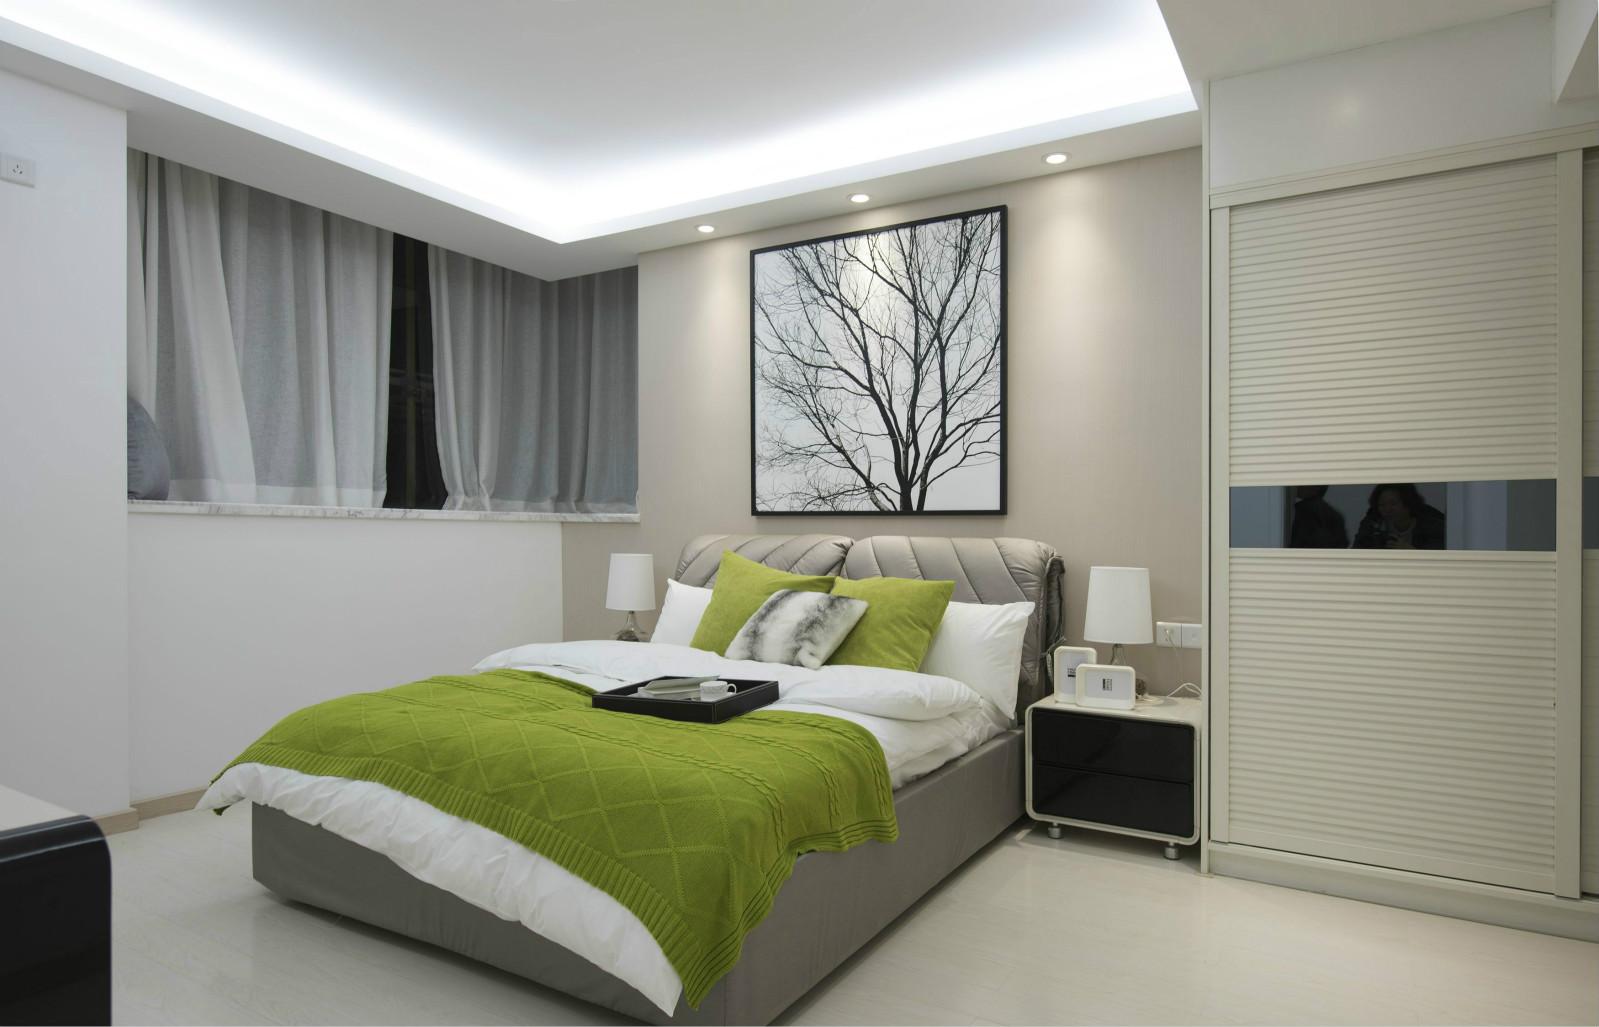 卧室中的床的背景挂着精致的挂花,,旁边则是原木材质橱柜设计,自然简约之